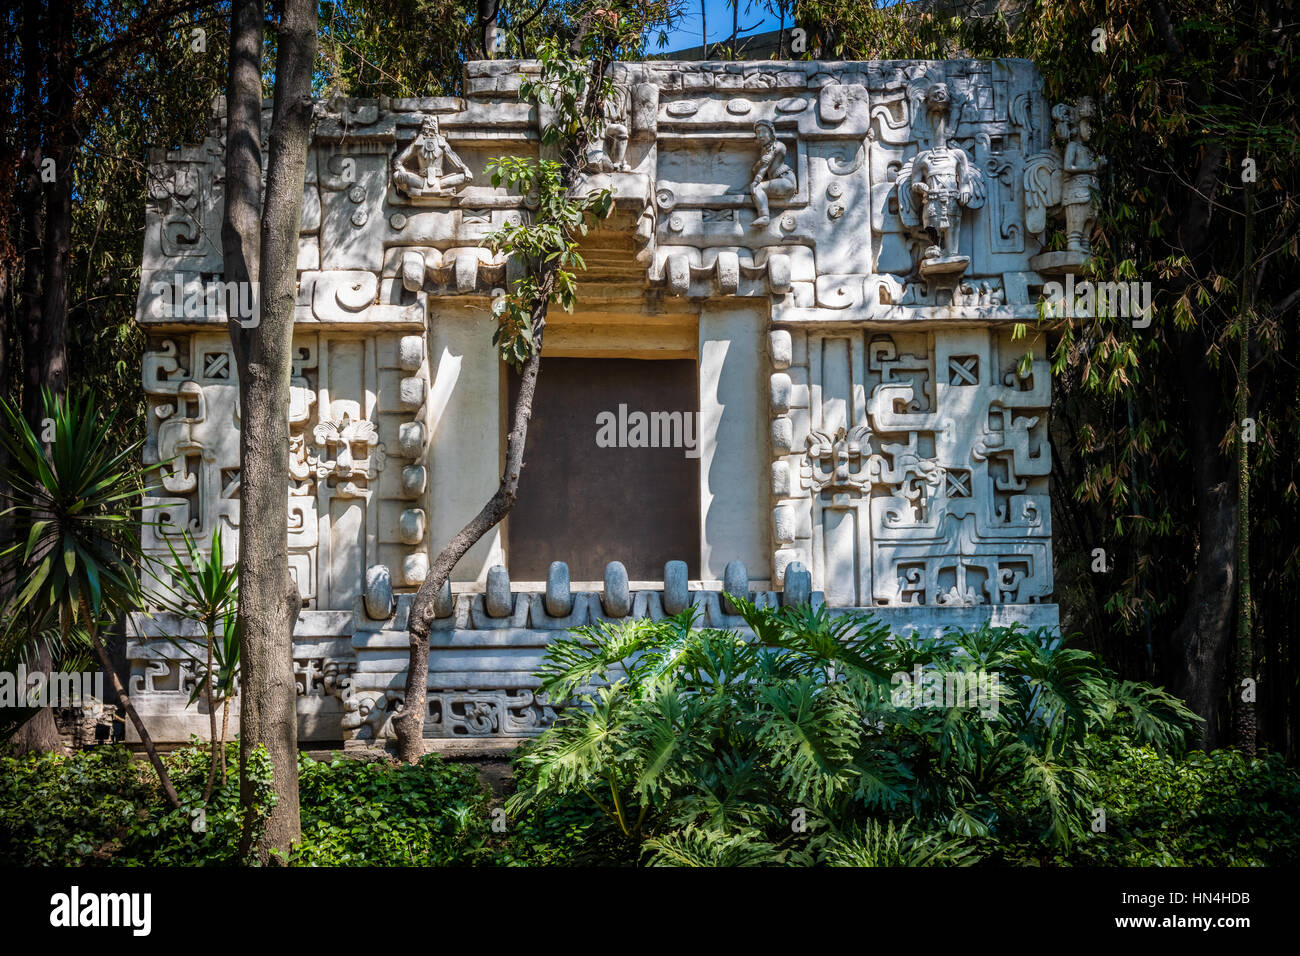 El Museo Nacional de Antropología (en español: el Museo Nacional de Antropología, la MNA) es un museo Imagen De Stock